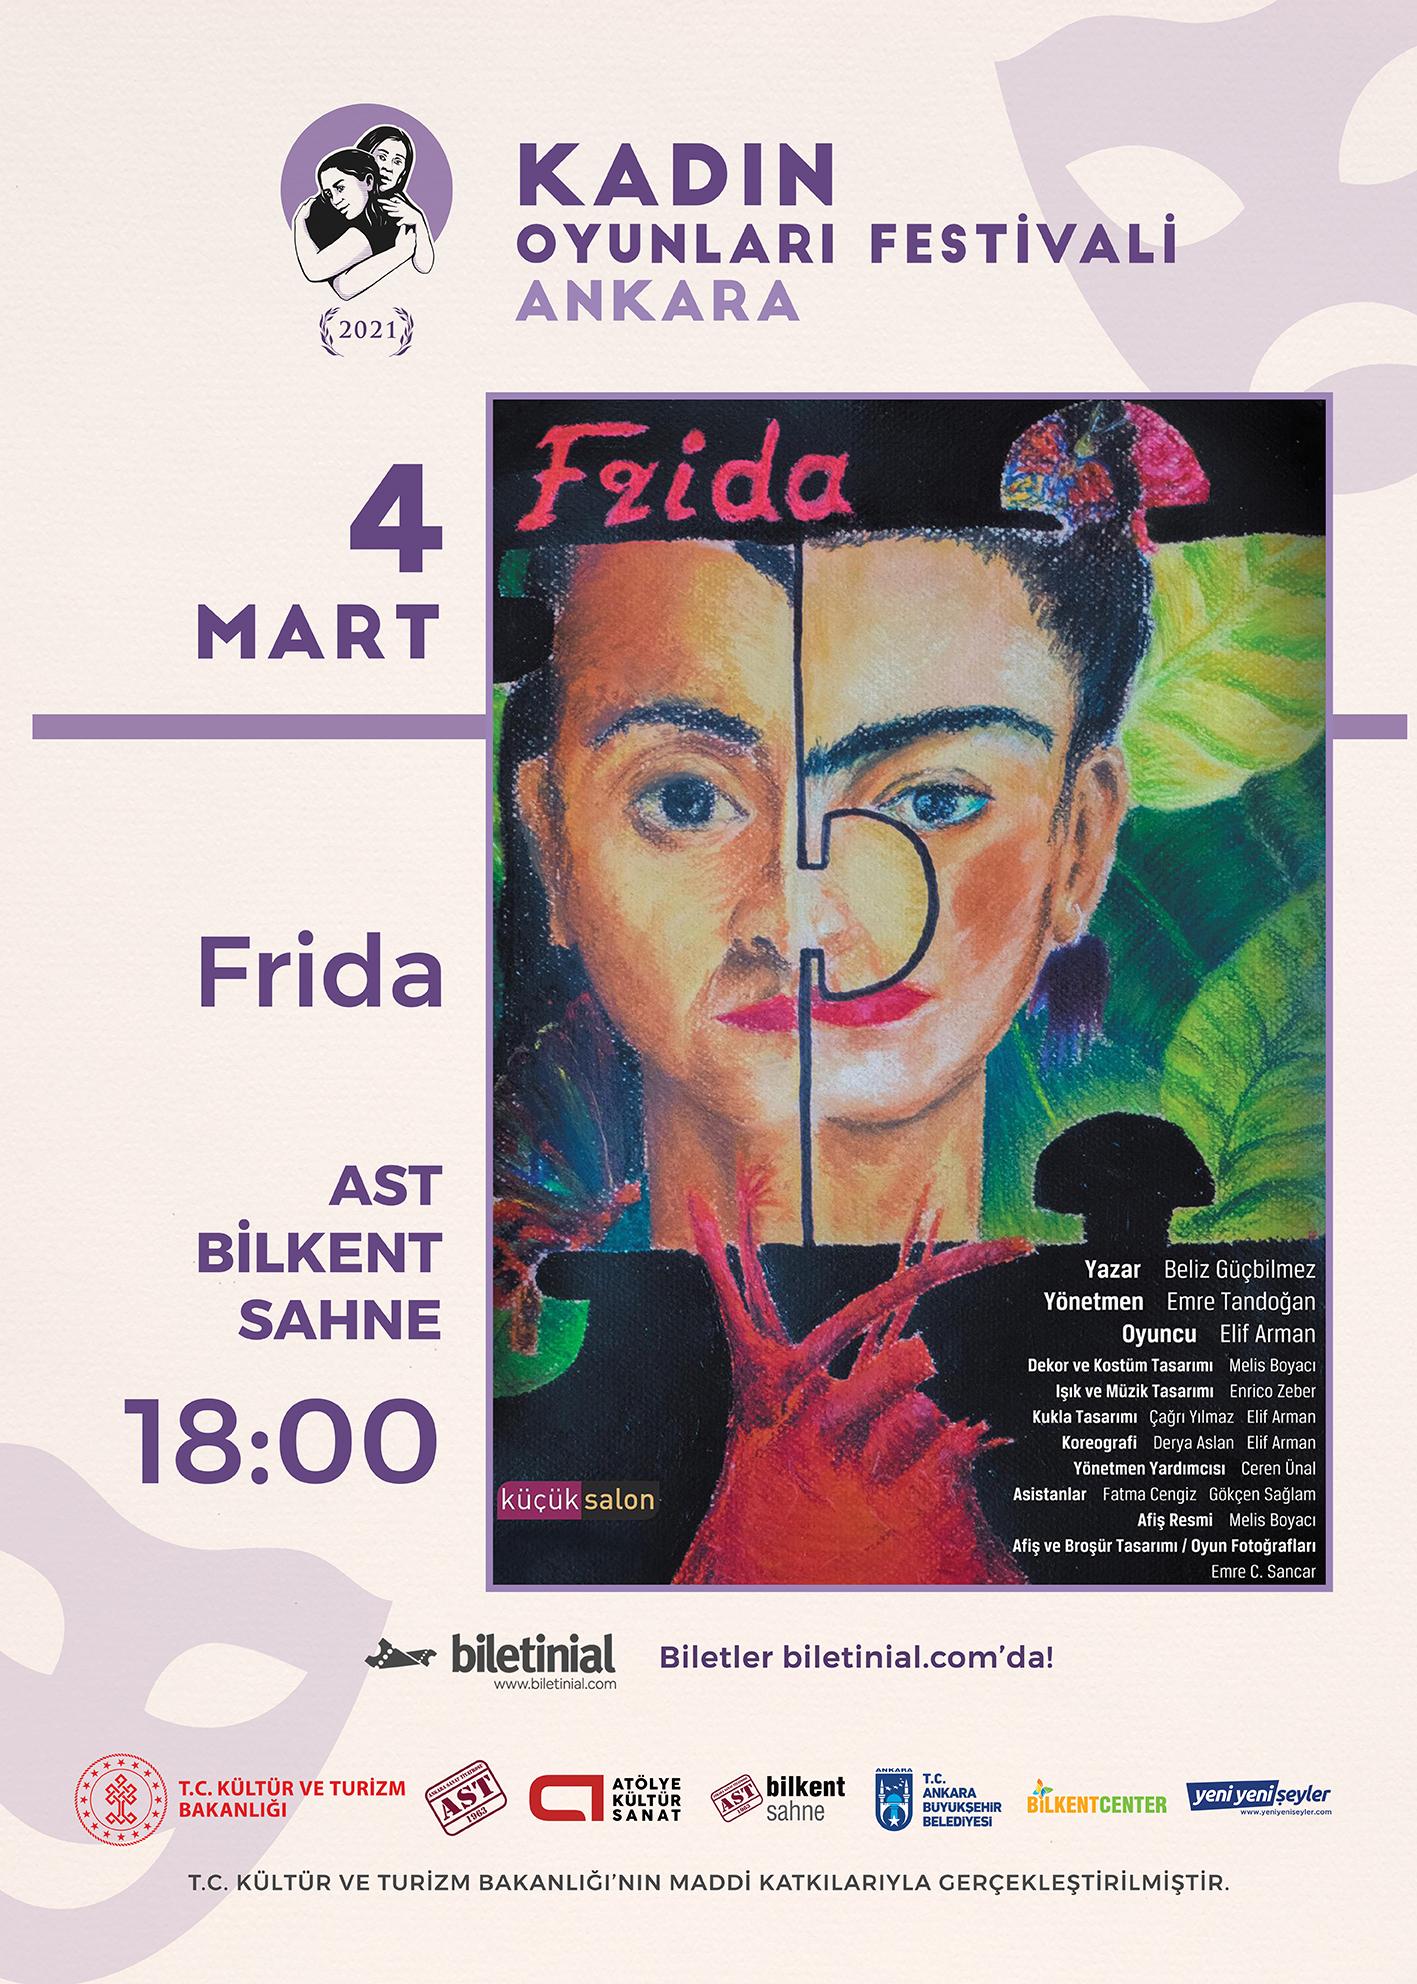 KTB - KOF 2021 Ankara - 4 Mart - Frida